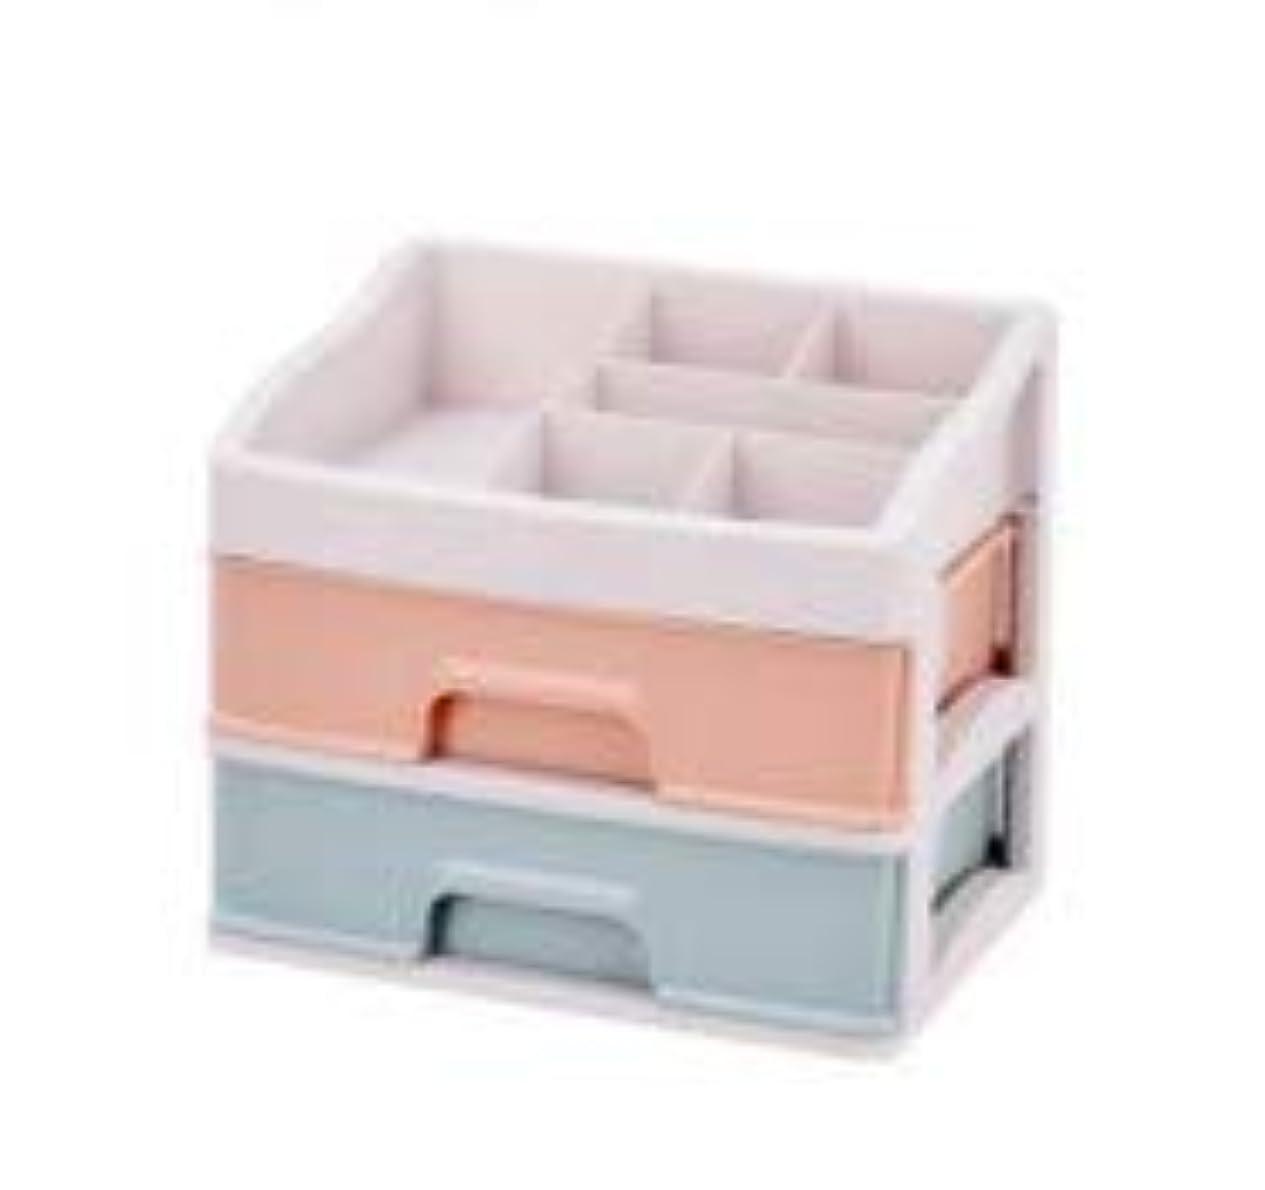 常習者ペチュランス贅沢な化粧品収納ボックス引き出しデスクトップ収納ラック化粧台化粧品ケーススキンケア製品 (Size : M)